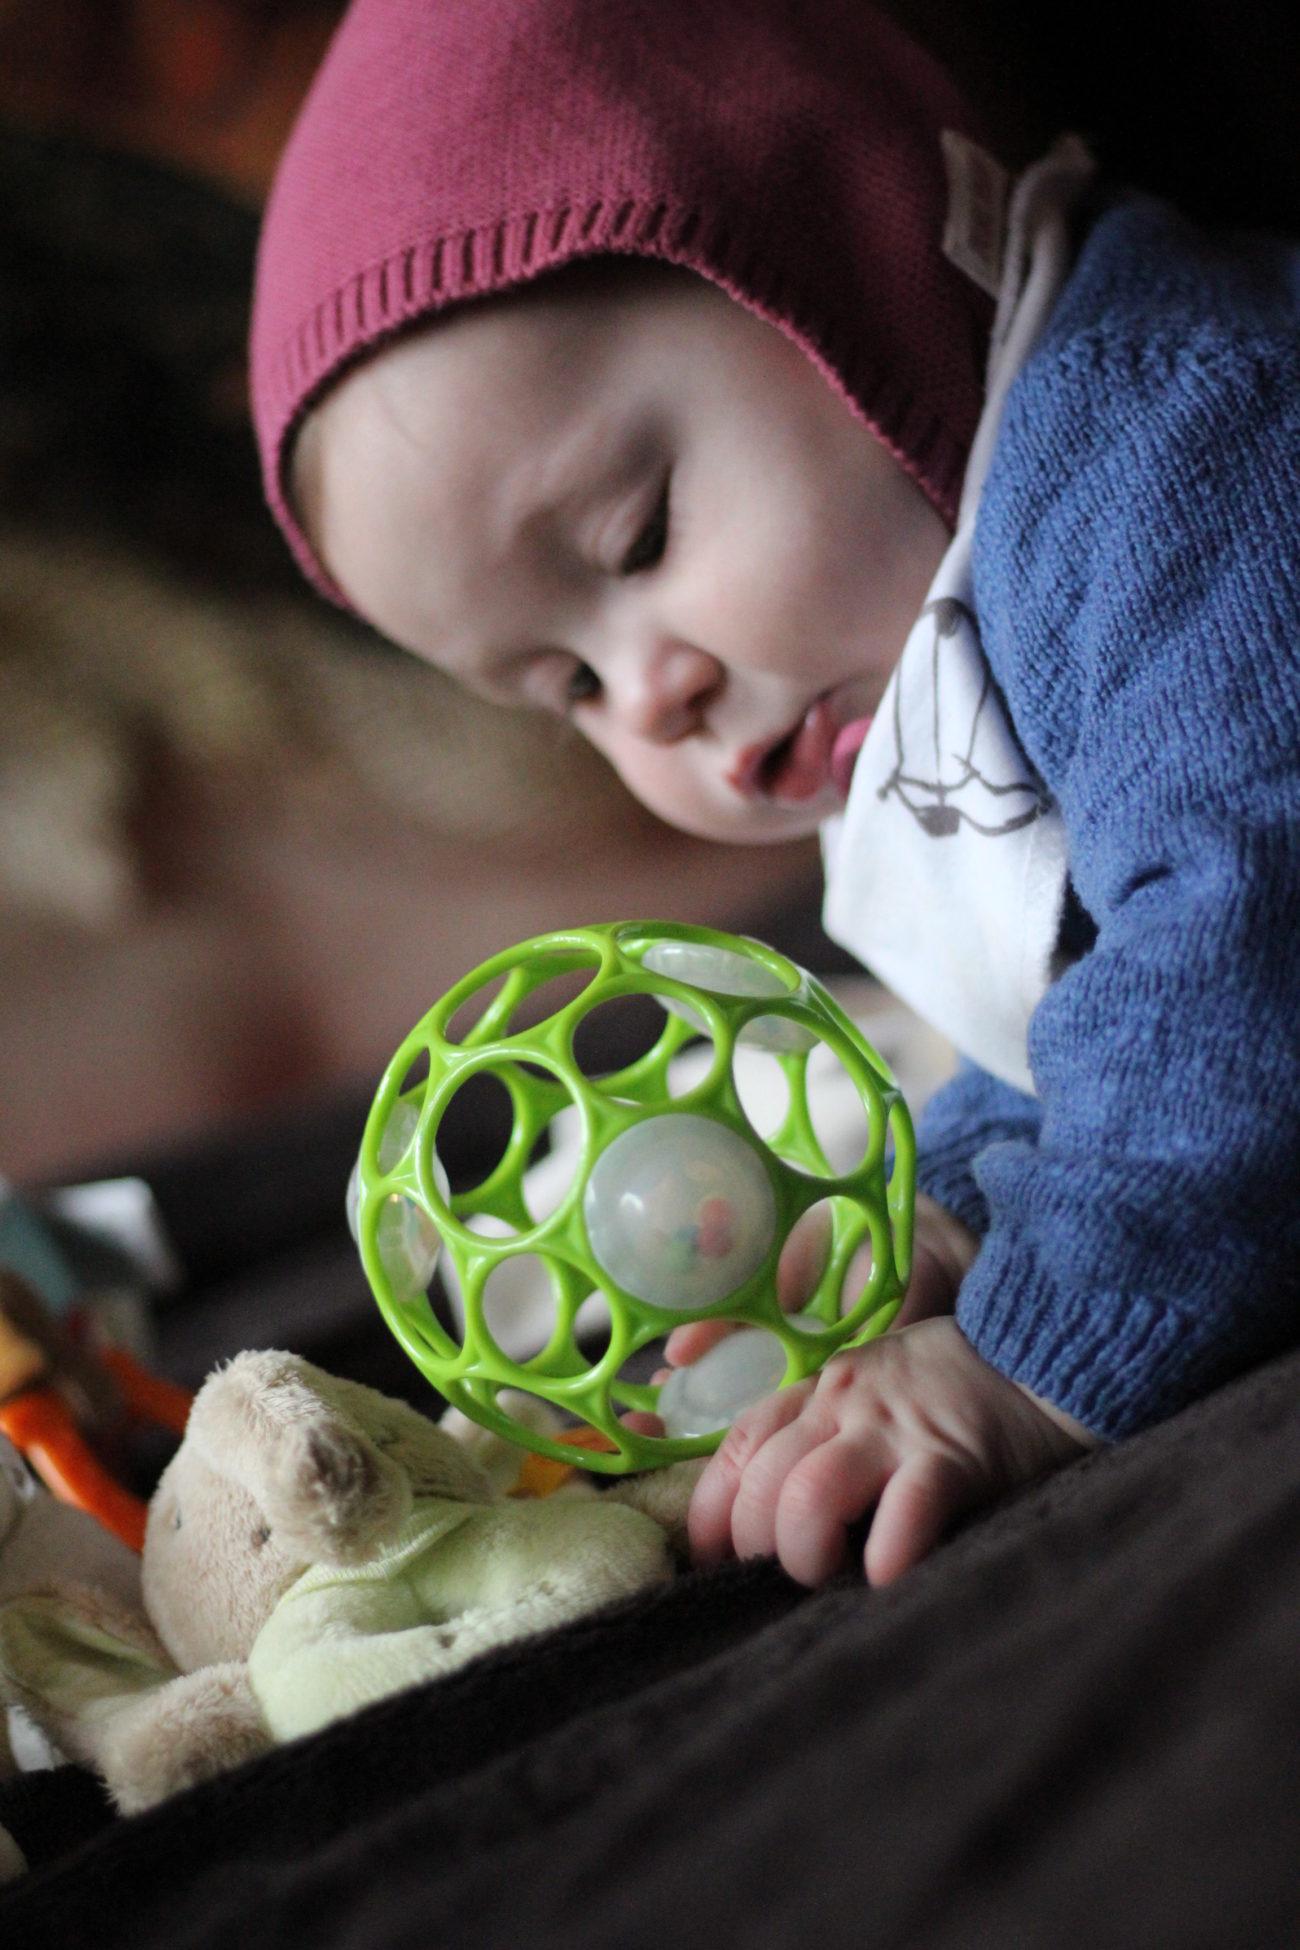 Baby mit sechs Monaten, die ersten Zähne, anstrengende Nächste